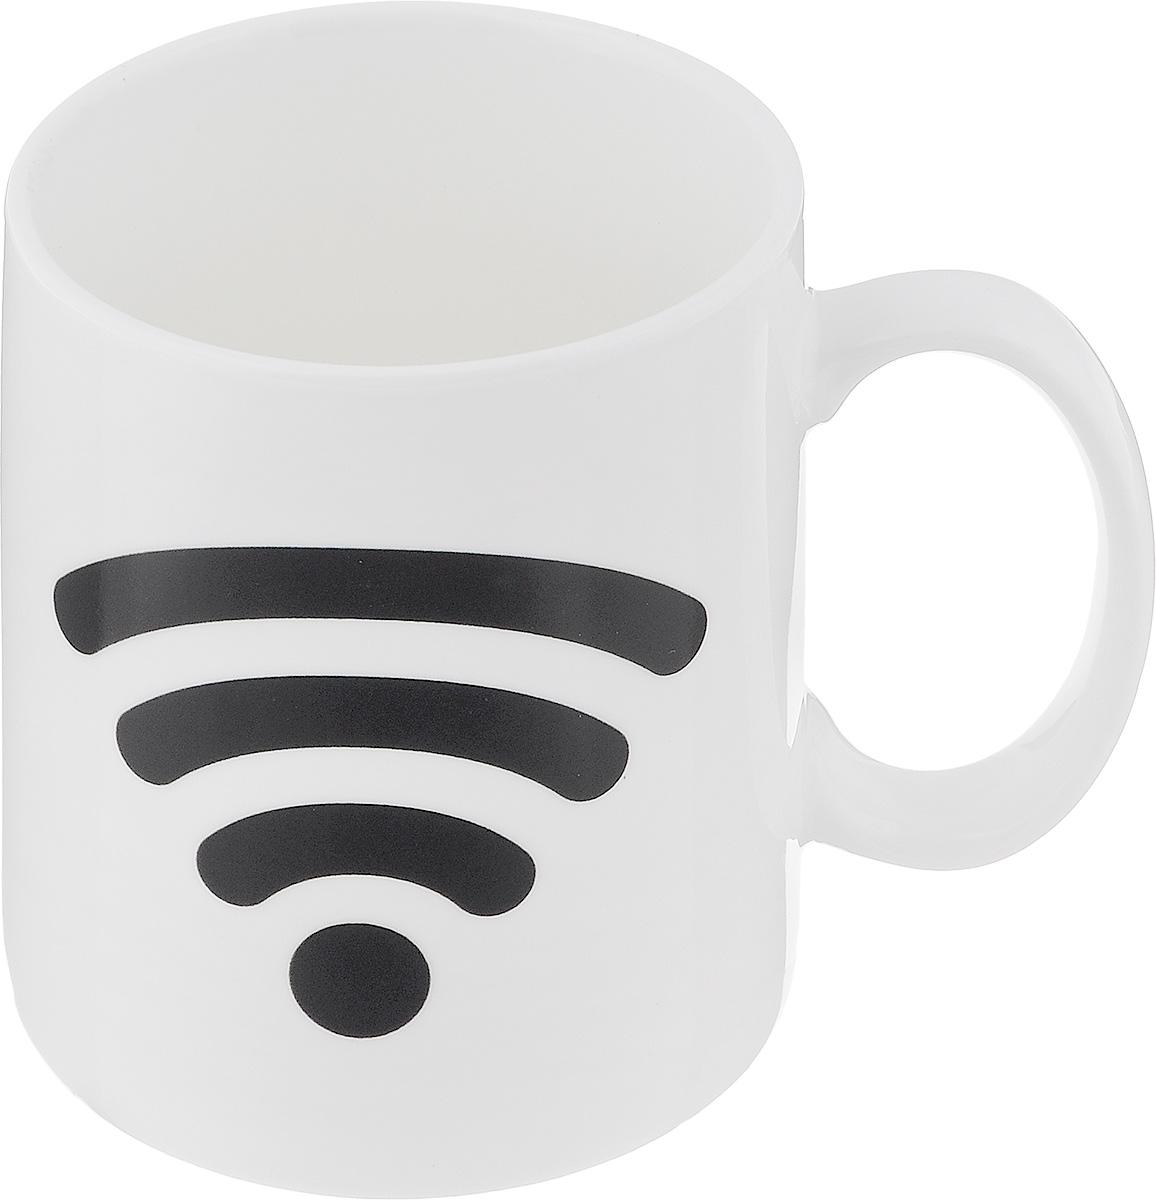 Кружка-хамелеон Эврика Включи Wi-Fi, 300 мл96304Кружка-хамелеон Эврика Включи WiFi выполнена из высококачественной керамики. По мере наполнения, шкала зарядки повышается. В холодном состоянии на кружке нарисована шкала Wi-Fi. Если в нее налить горячий напиток, то рисунок меняет цвет. Такой подарок станет не только приятным, но и практичным сувениром: кружка станет незаменимым атрибутом чаепития, а оригинальный дизайн вызовет улыбку. Высота кружки: 9,5 см. Диаметр (без учета ручки): 8 см.